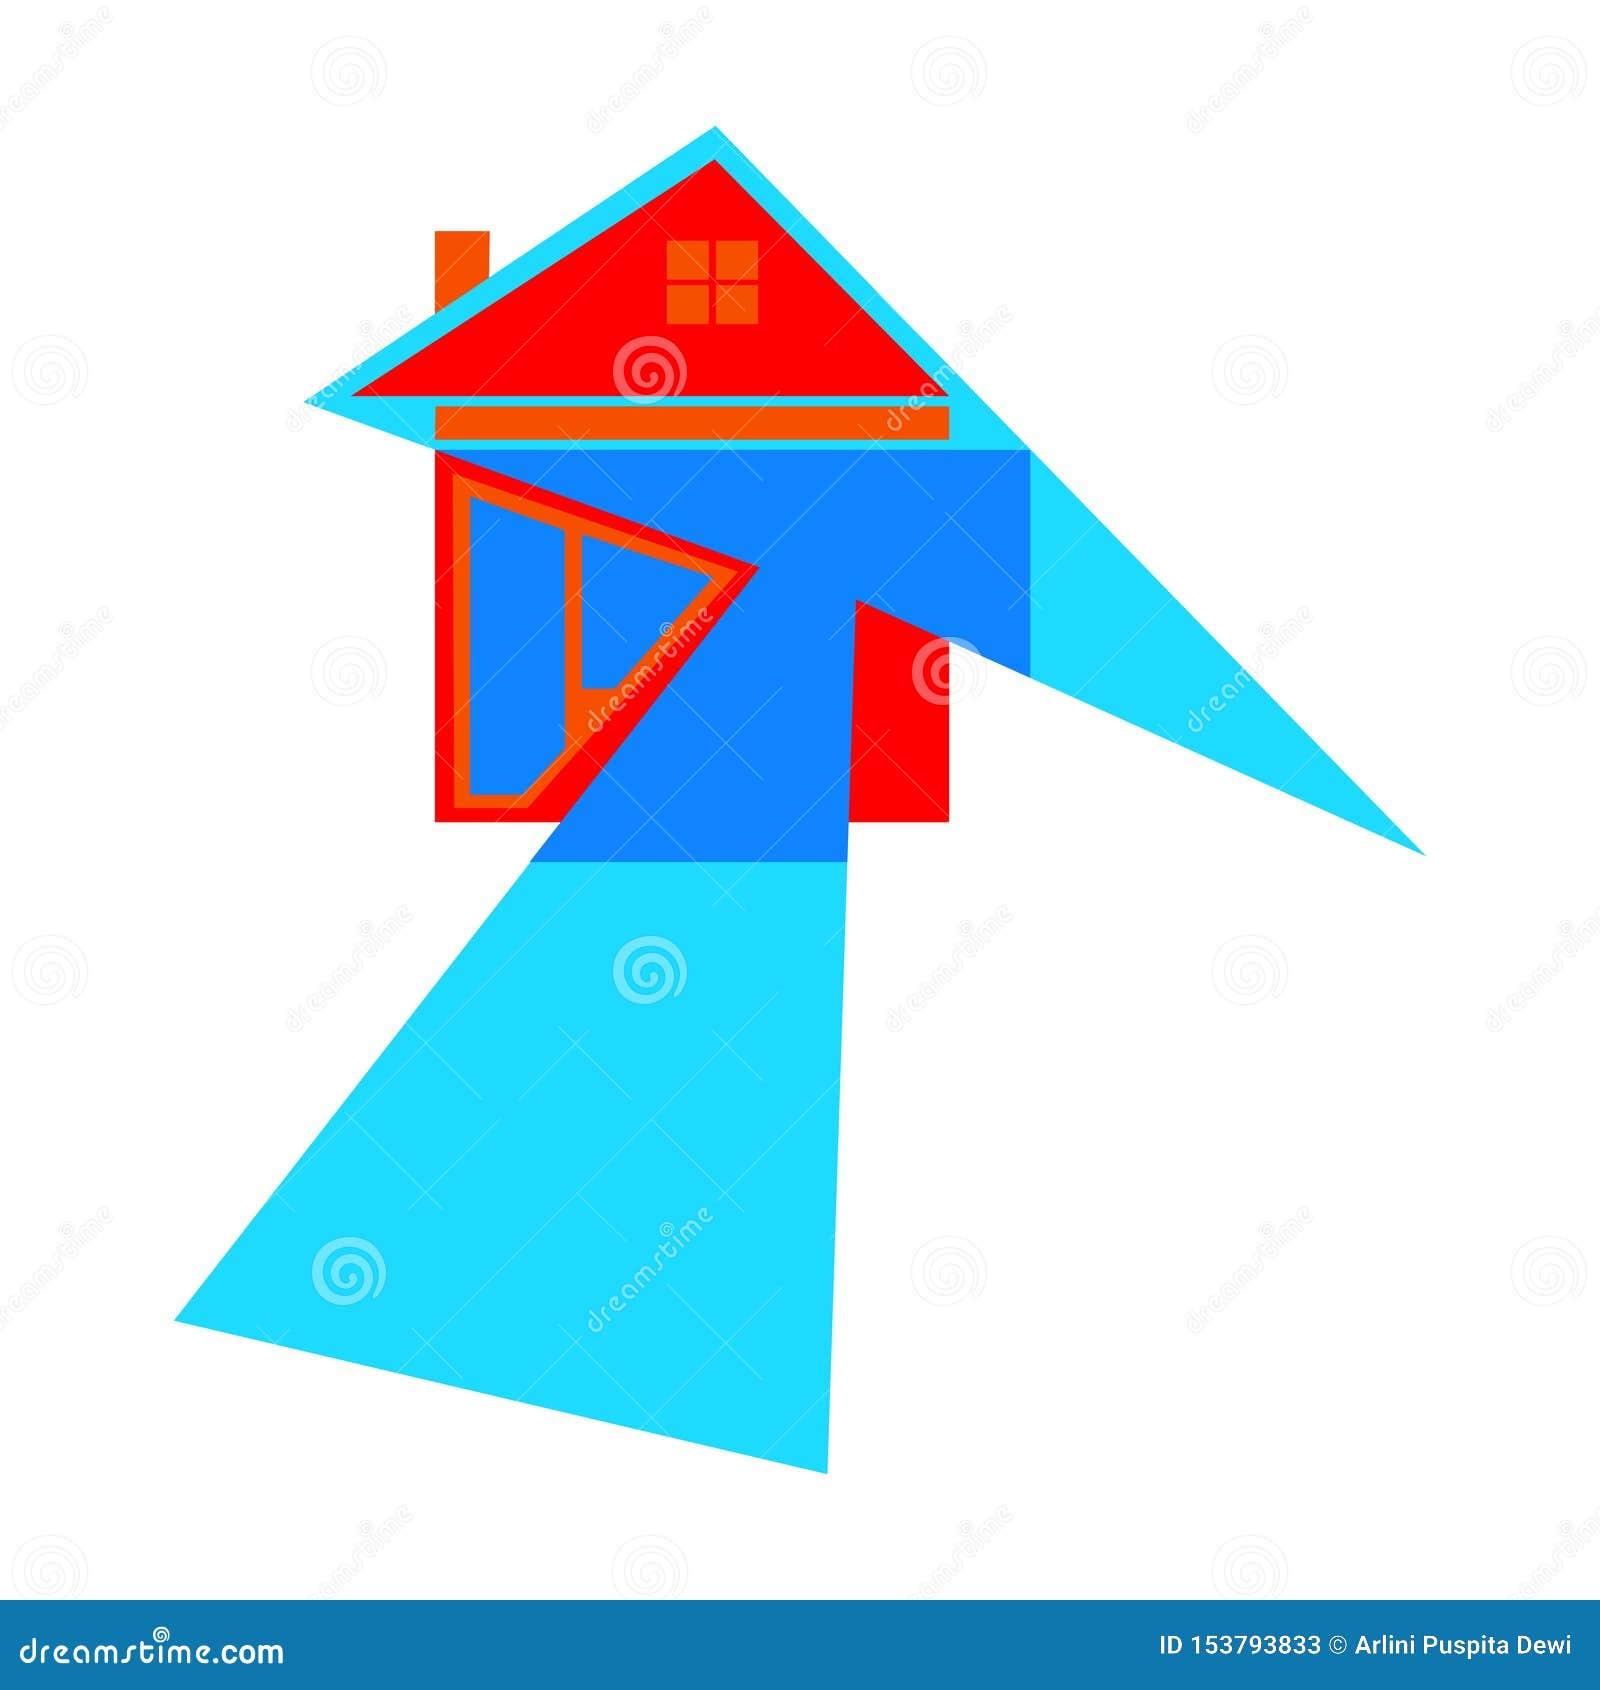 значок дома со стрелками как символы на пути к успеху с белой предпосылкой